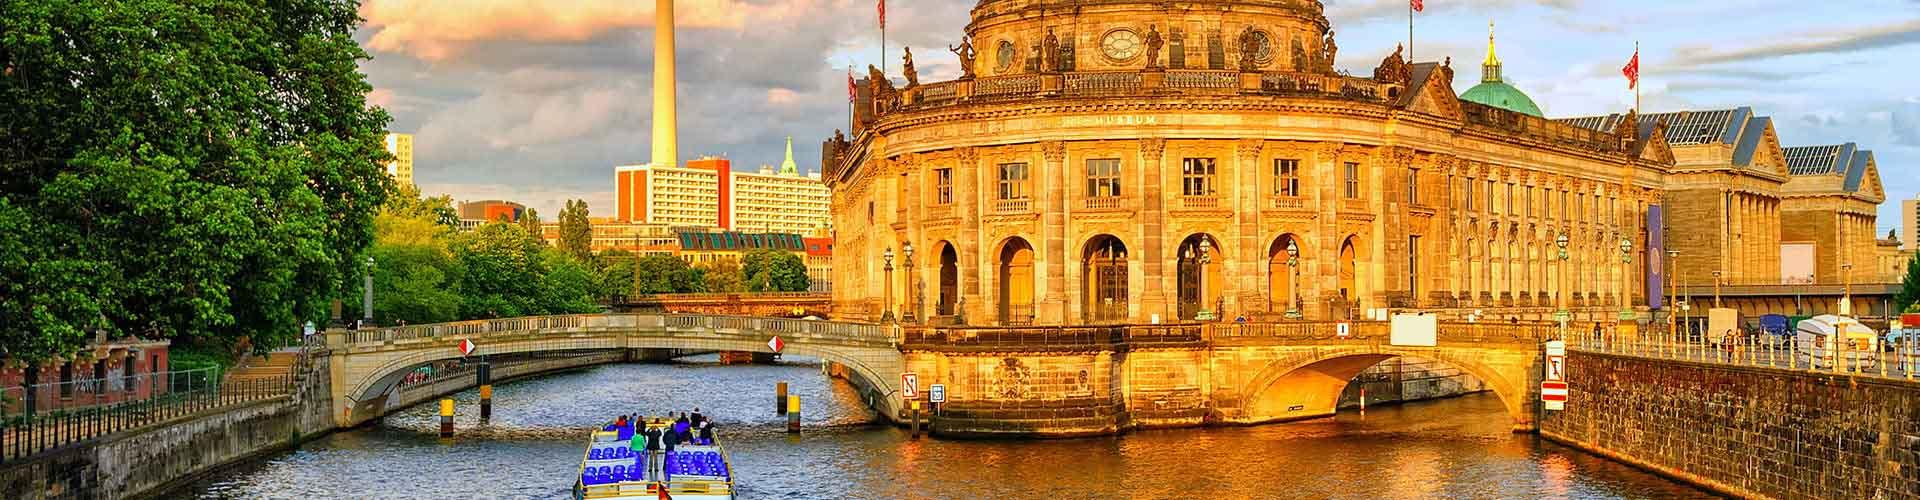 柏林 – District Wilmersdorf区的青年旅馆。柏林 地图,柏林 每间青年旅馆的照片和评分。